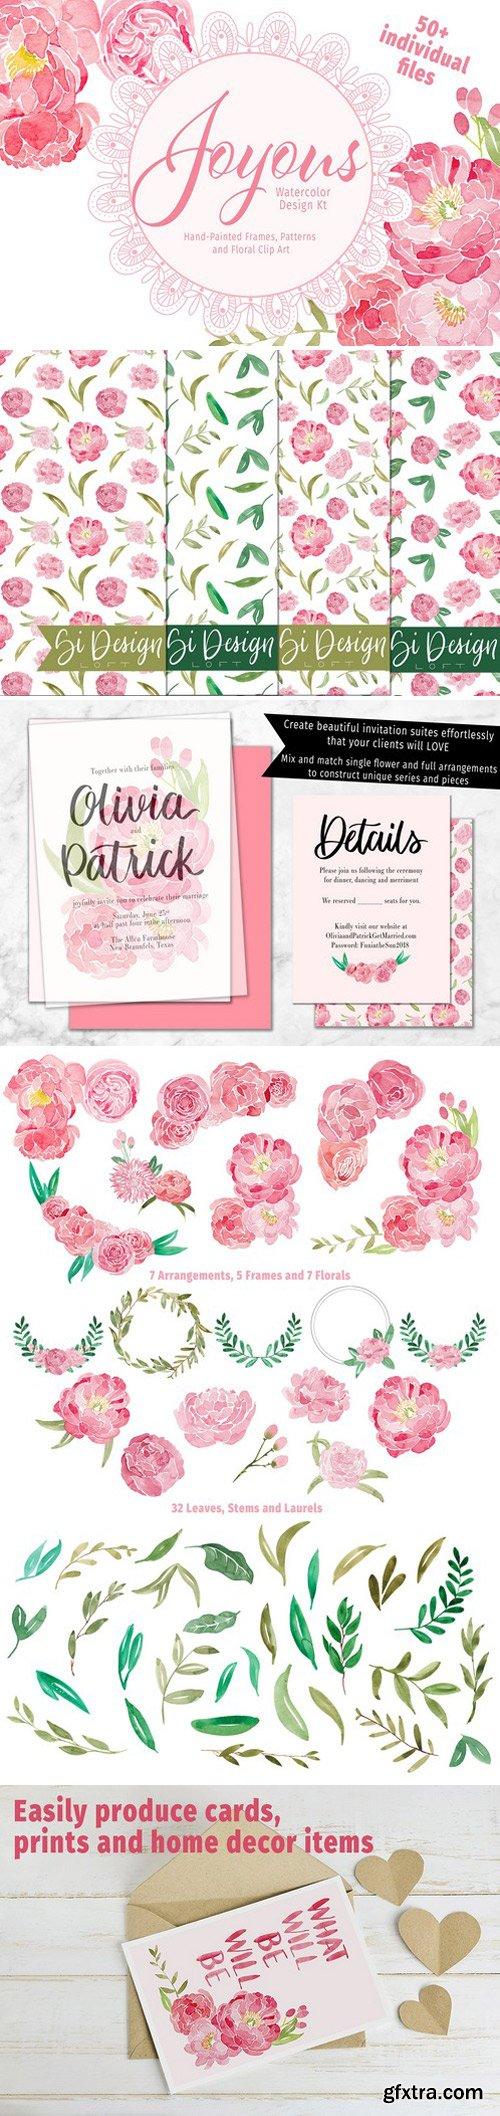 CM - Joyous Watercolor Design Kit 2254968